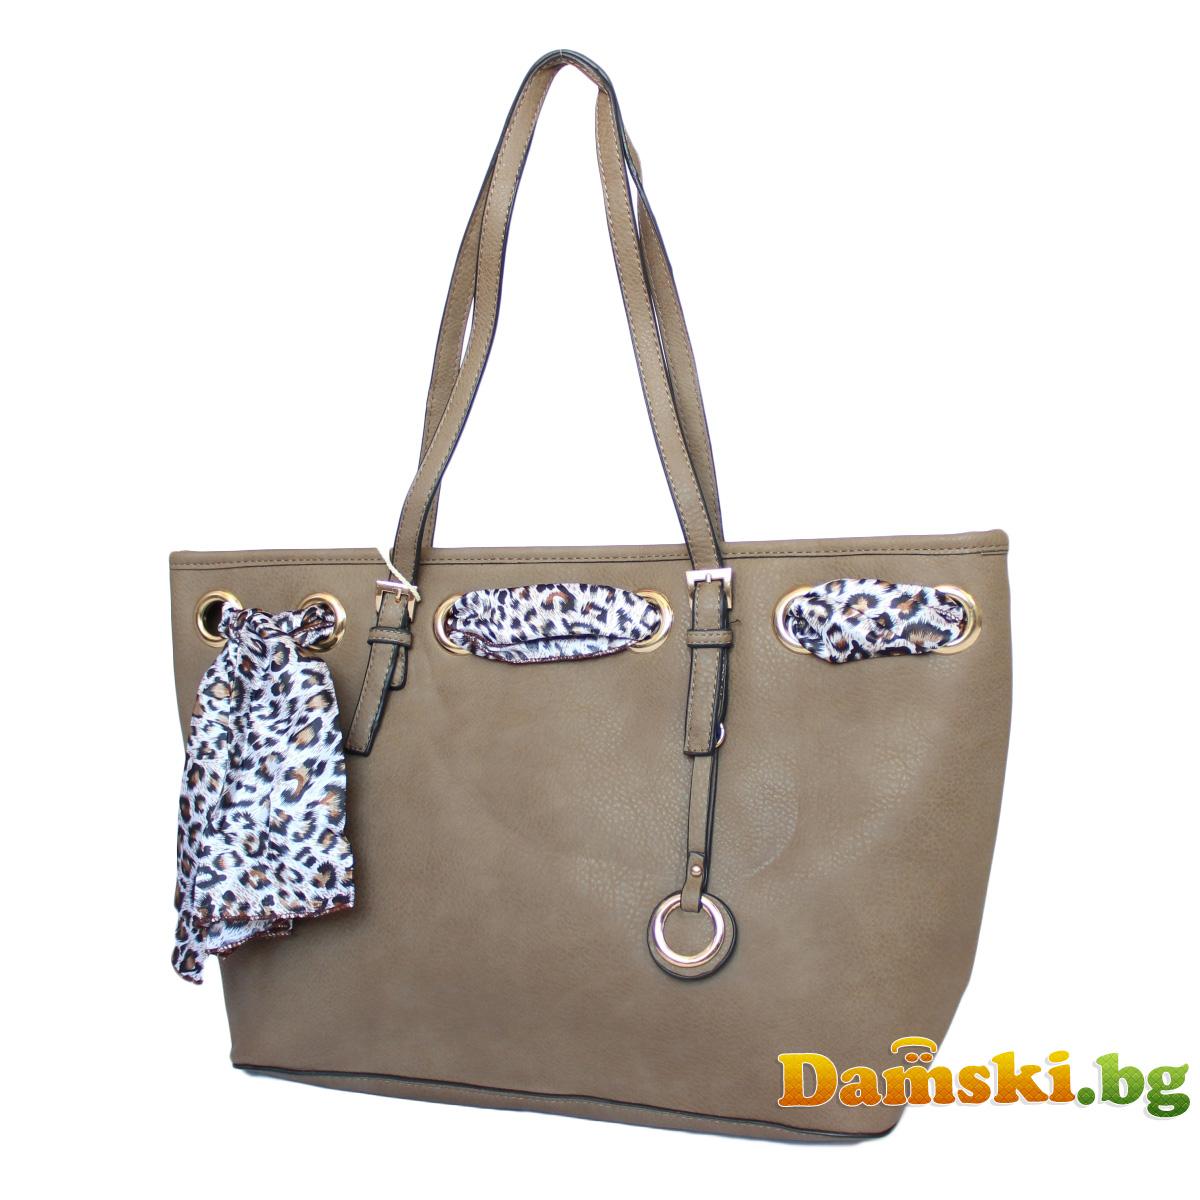 Стилна дамска чанта с шалче - кафява Снимка 2 от 3